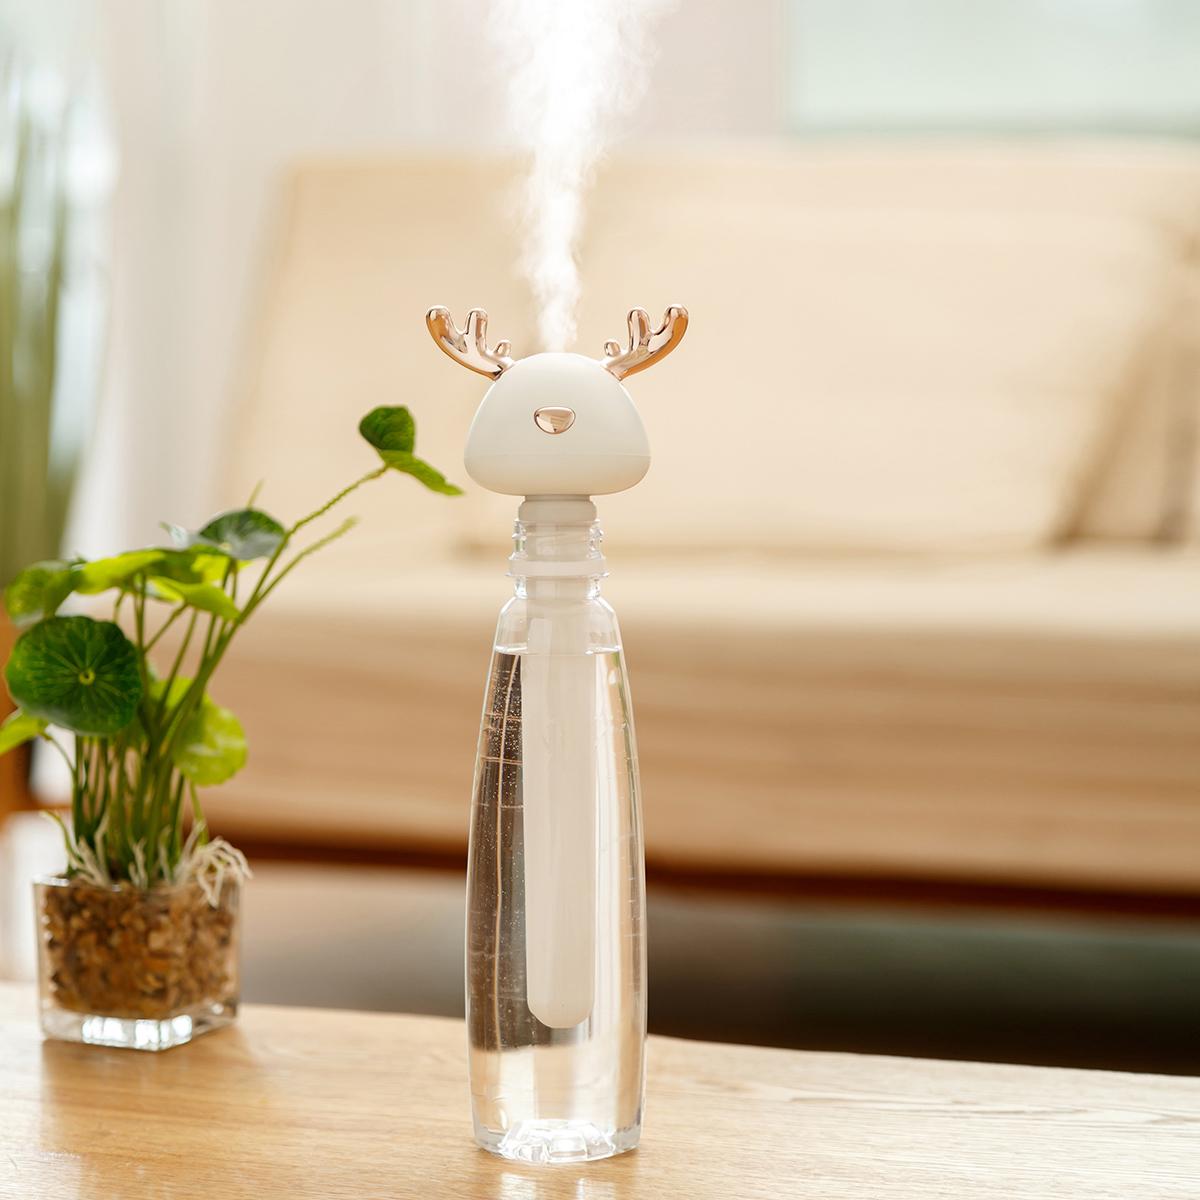 11-04新券小鹿加湿器小型便携式usb净化空气脸部补水静音矿泉水瓶杯大雾量